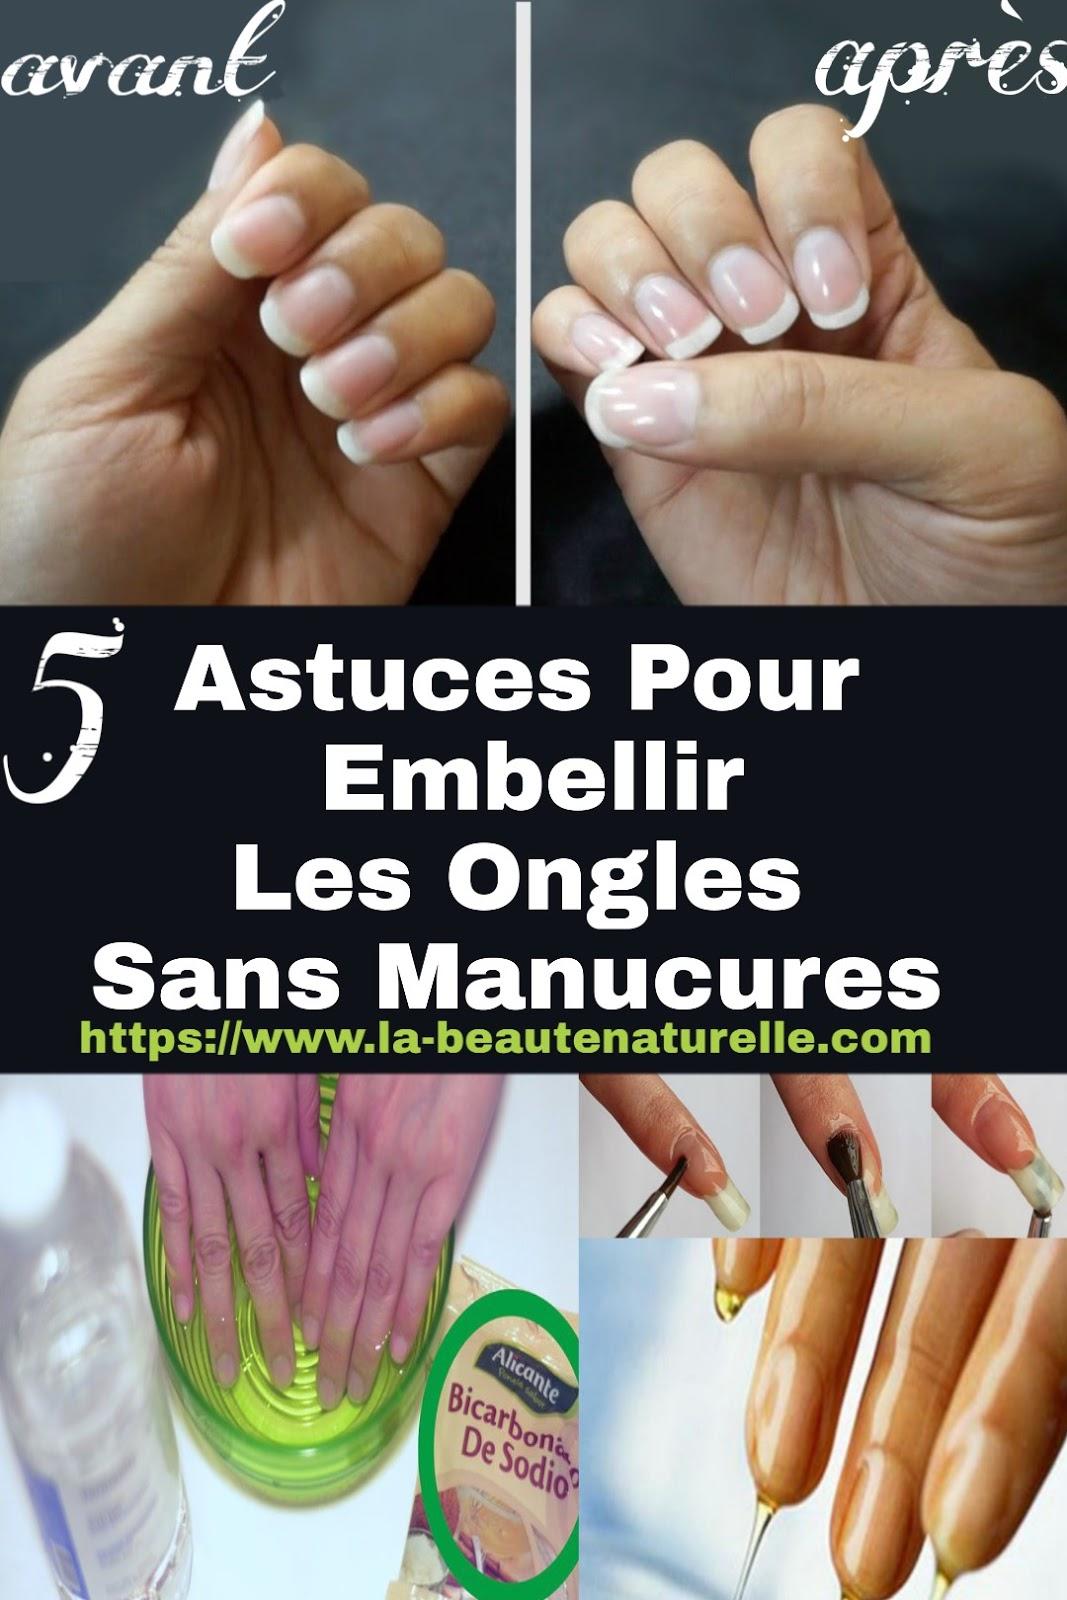 5 Astuces Pour Embellir Les Ongles Sans Manucures